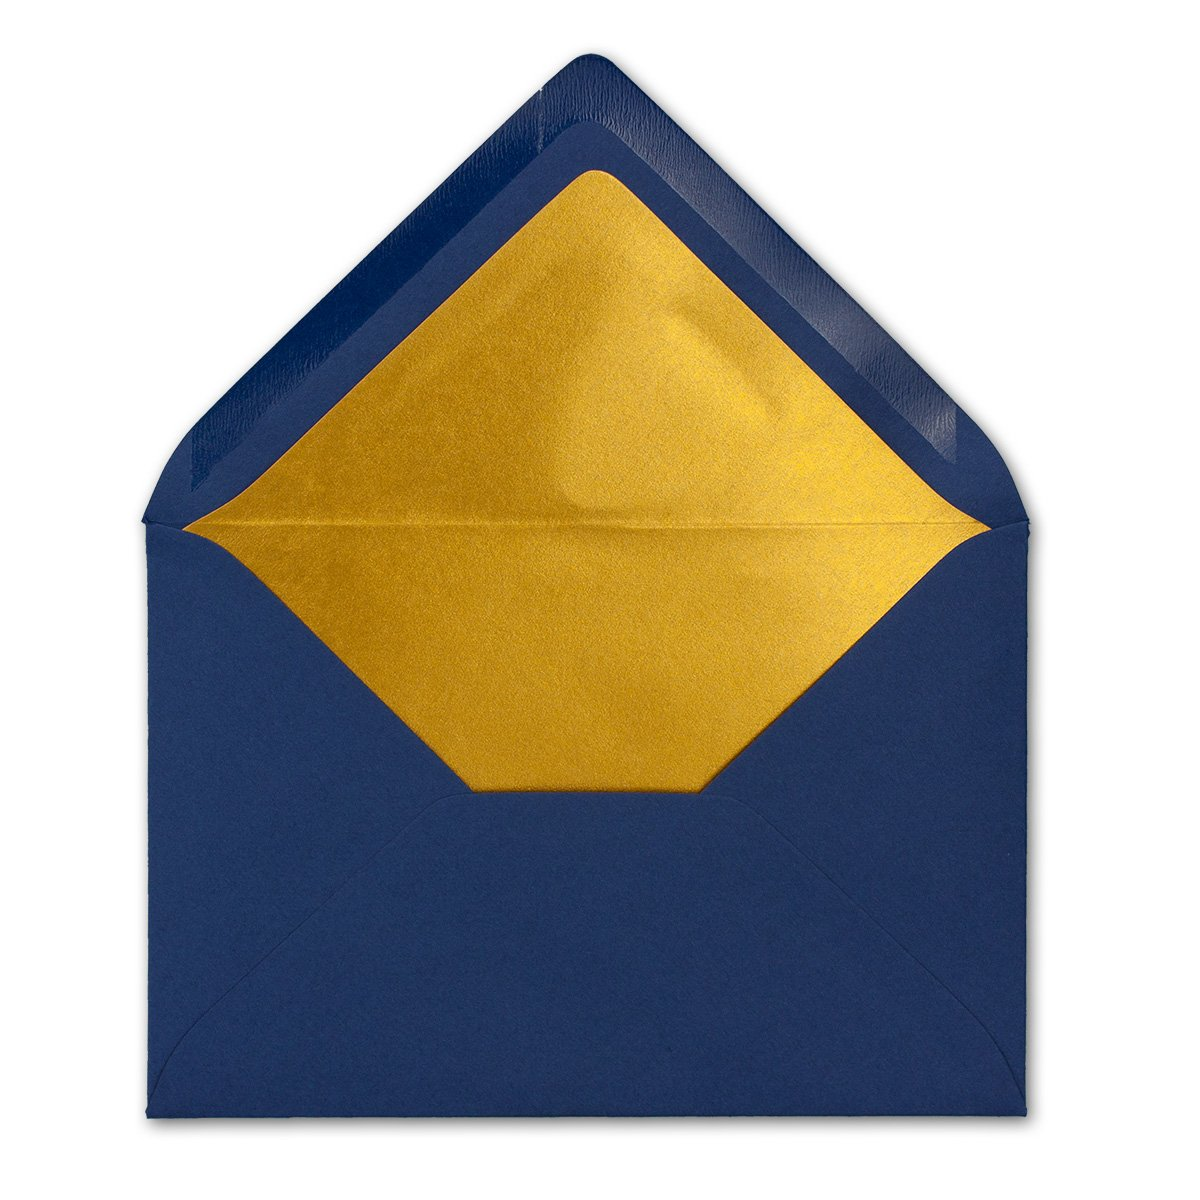 Kuverts in Nachtblau 11,4 x 16,2 cm f/ür Einladungen Matte Oberfl/äche /& Gold-Metallic F/ütterung Brief-Umschl/äge DIN C6-114 x 162 mm ohne Fenster Na/ßklebung 50 St/ück